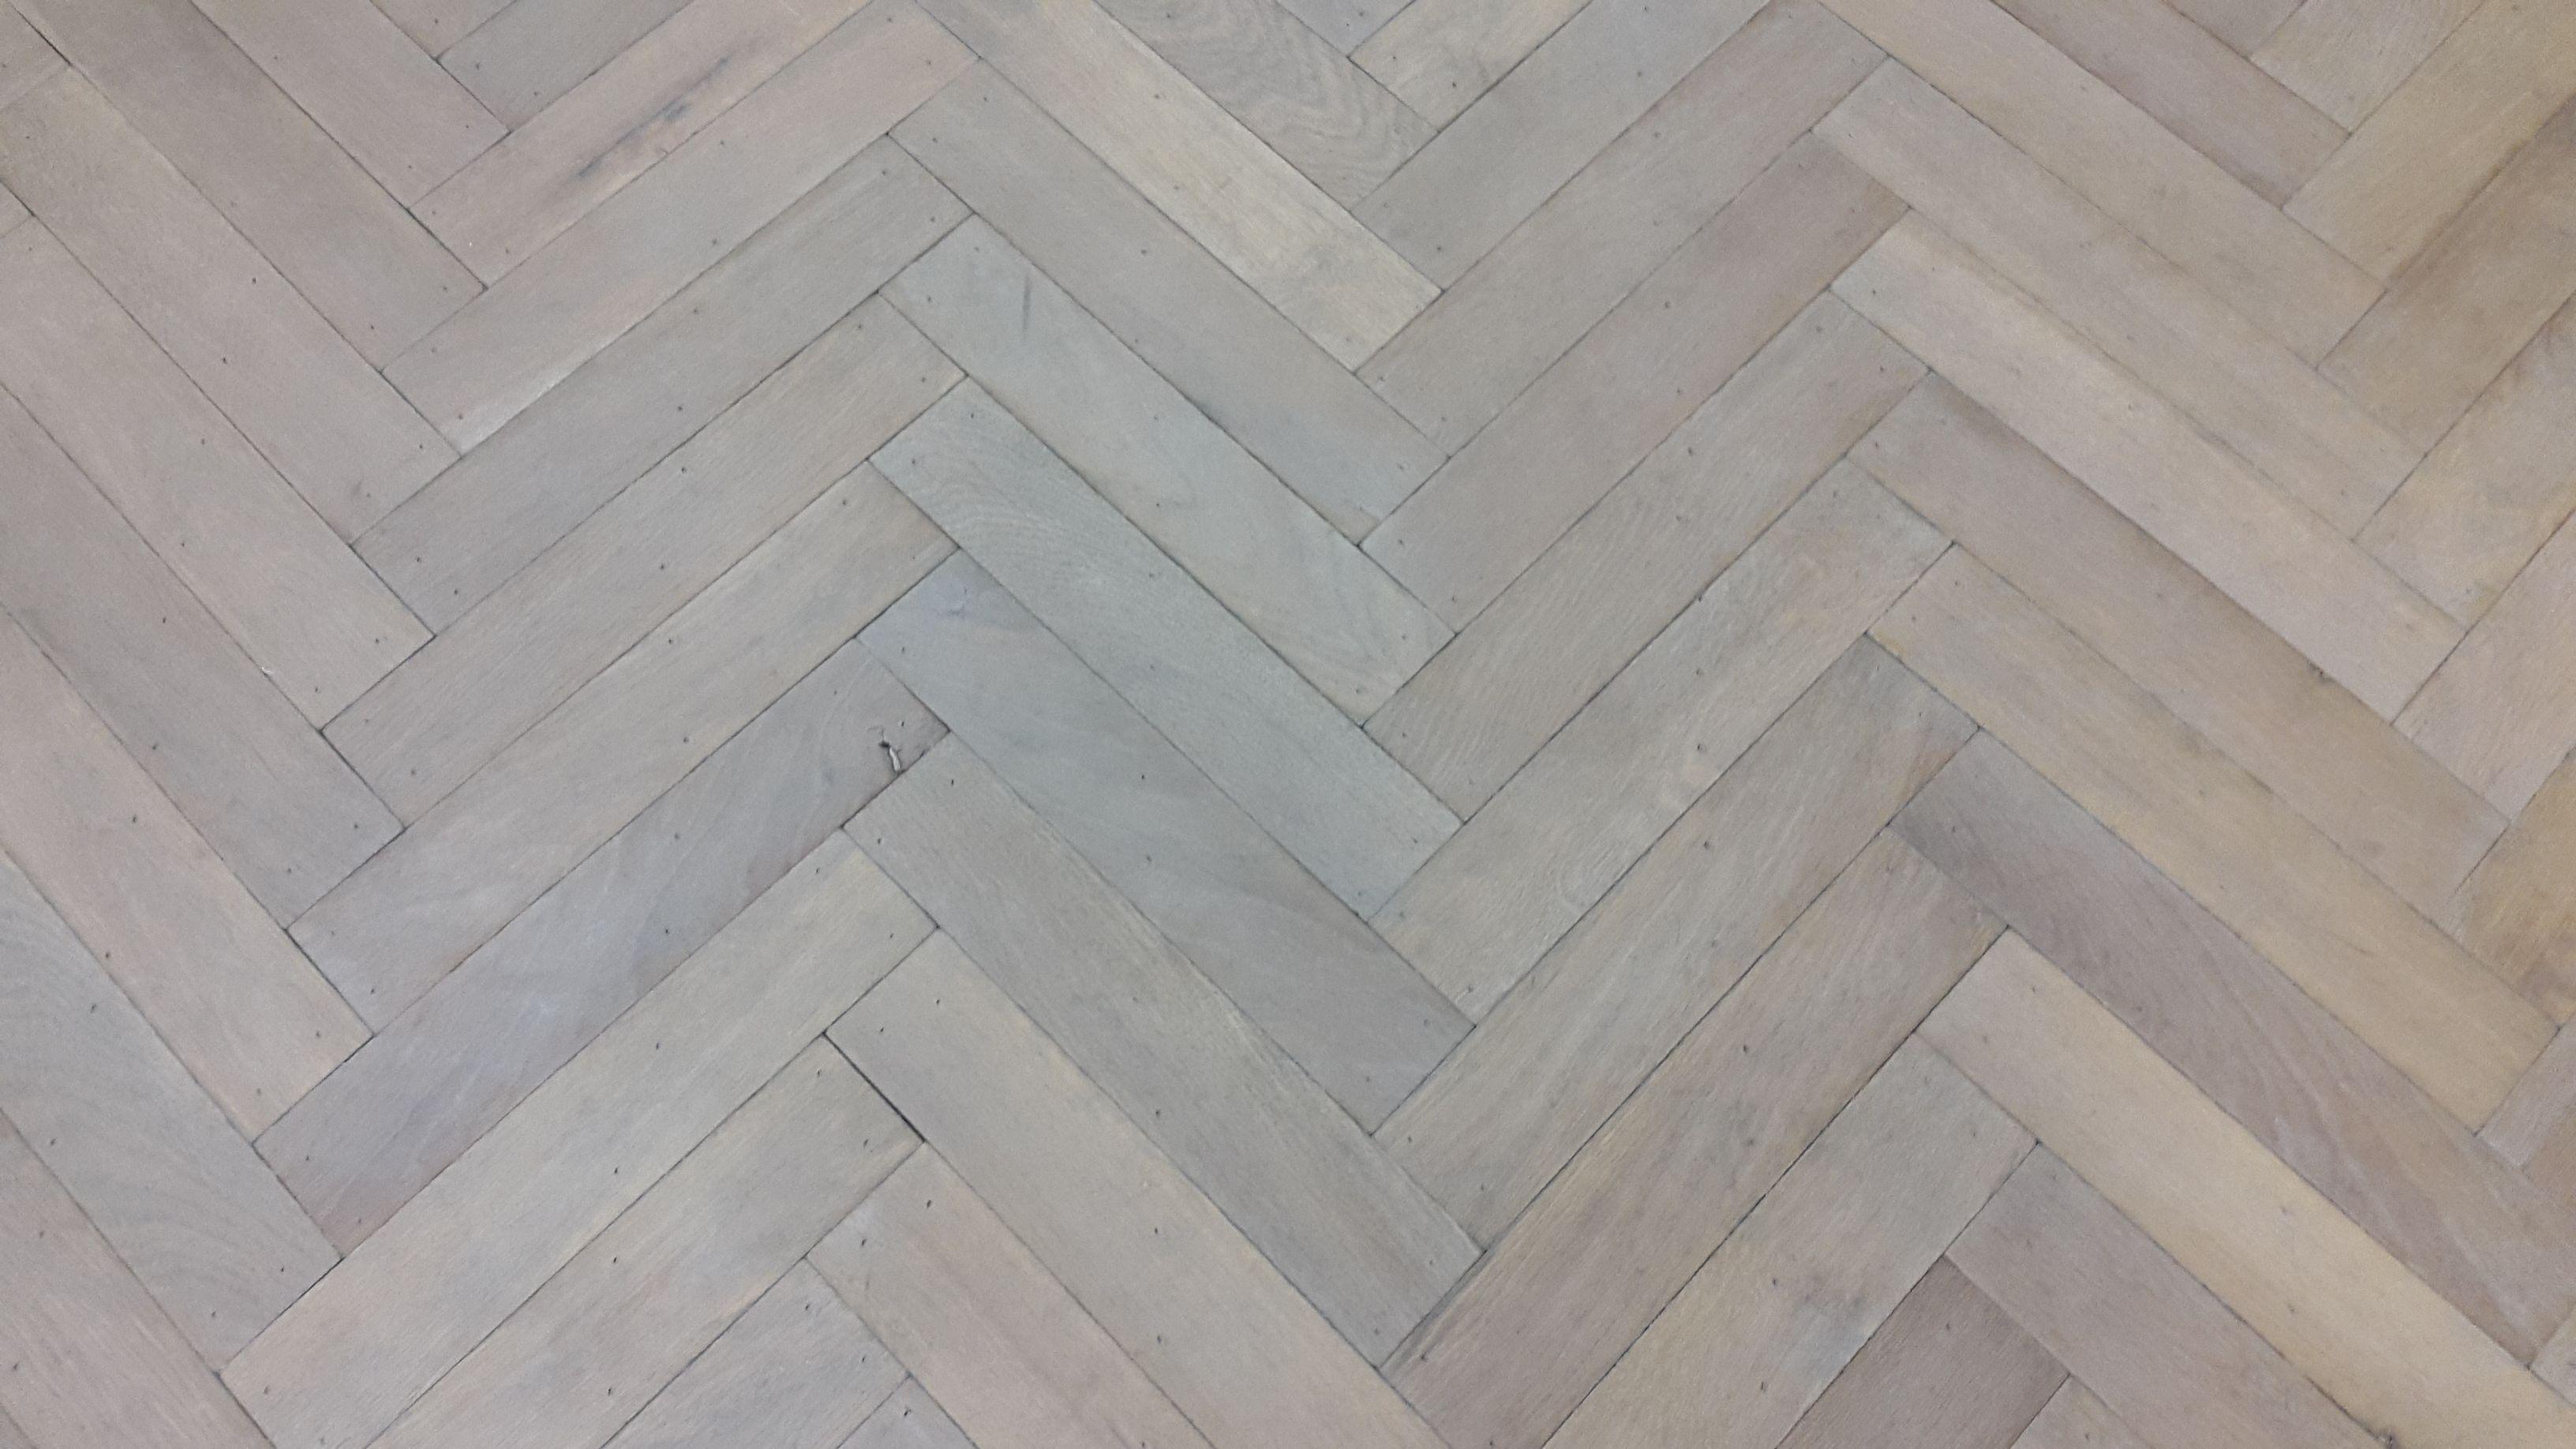 Verouderde visgraat eiken vloer in een wit grijze kleur fairwood